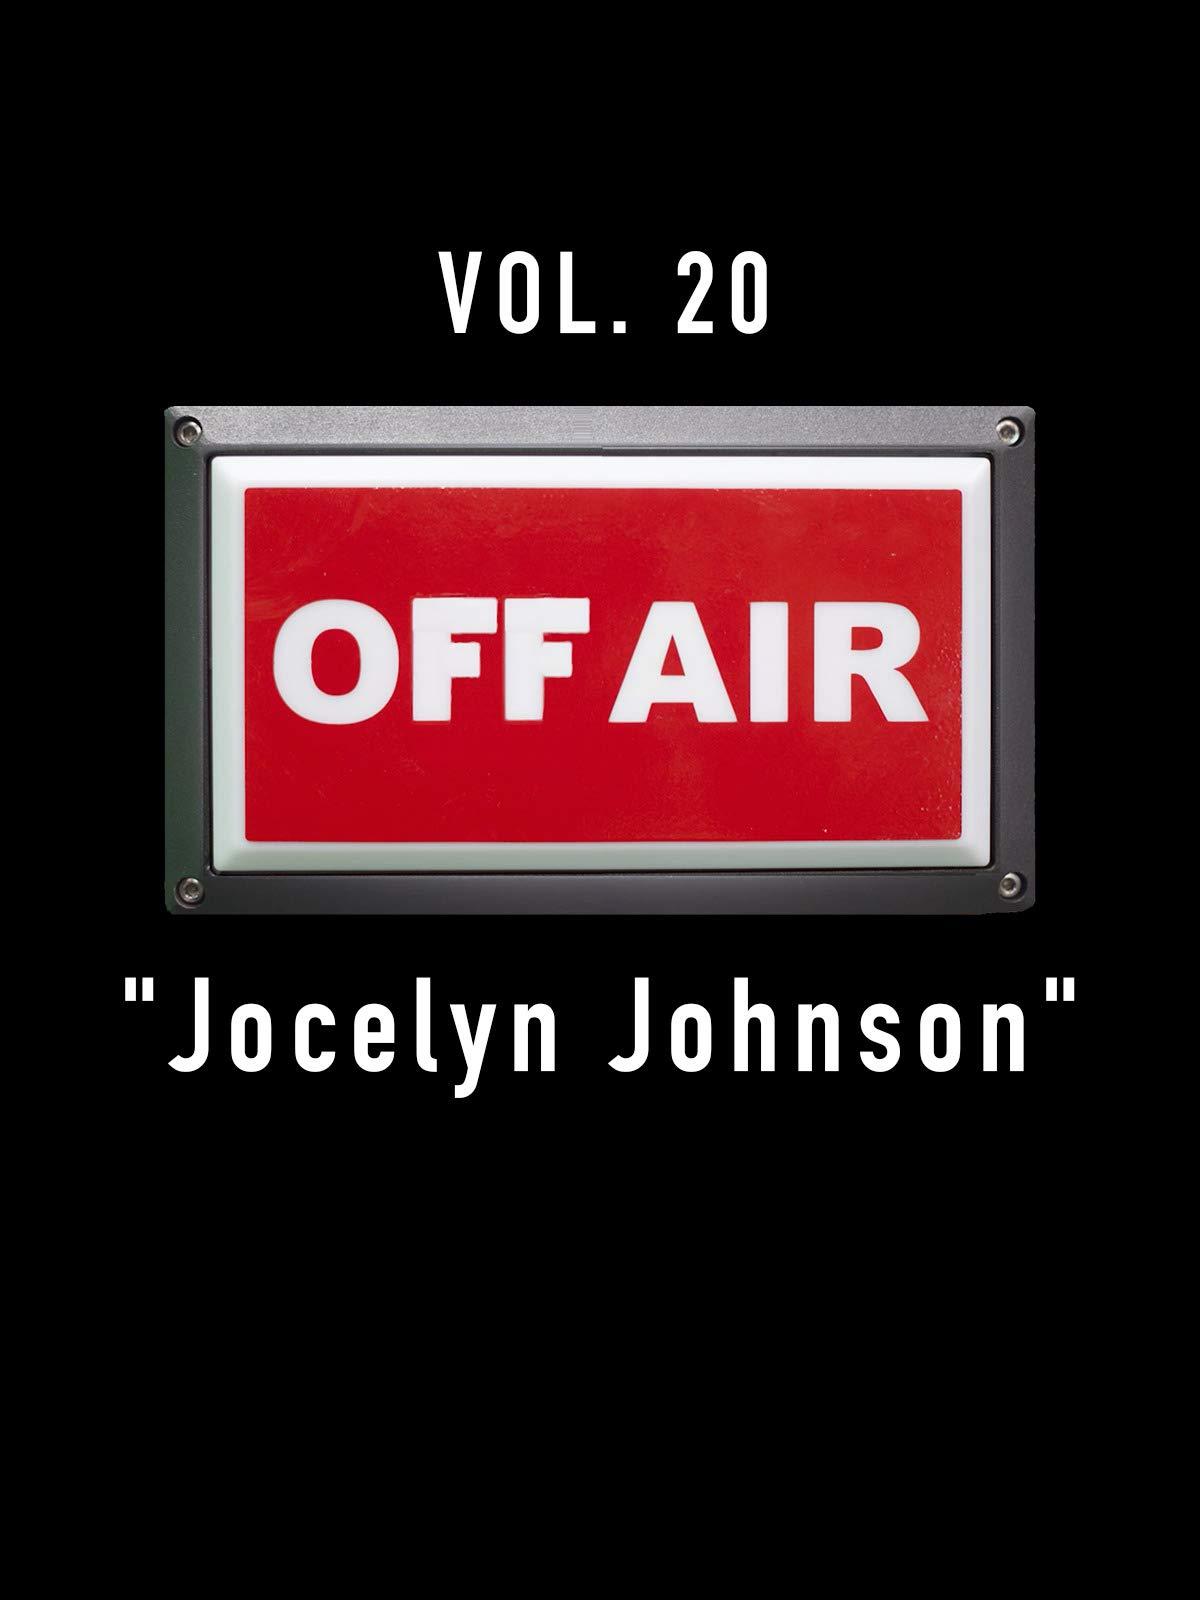 Off-Air Vol. 20